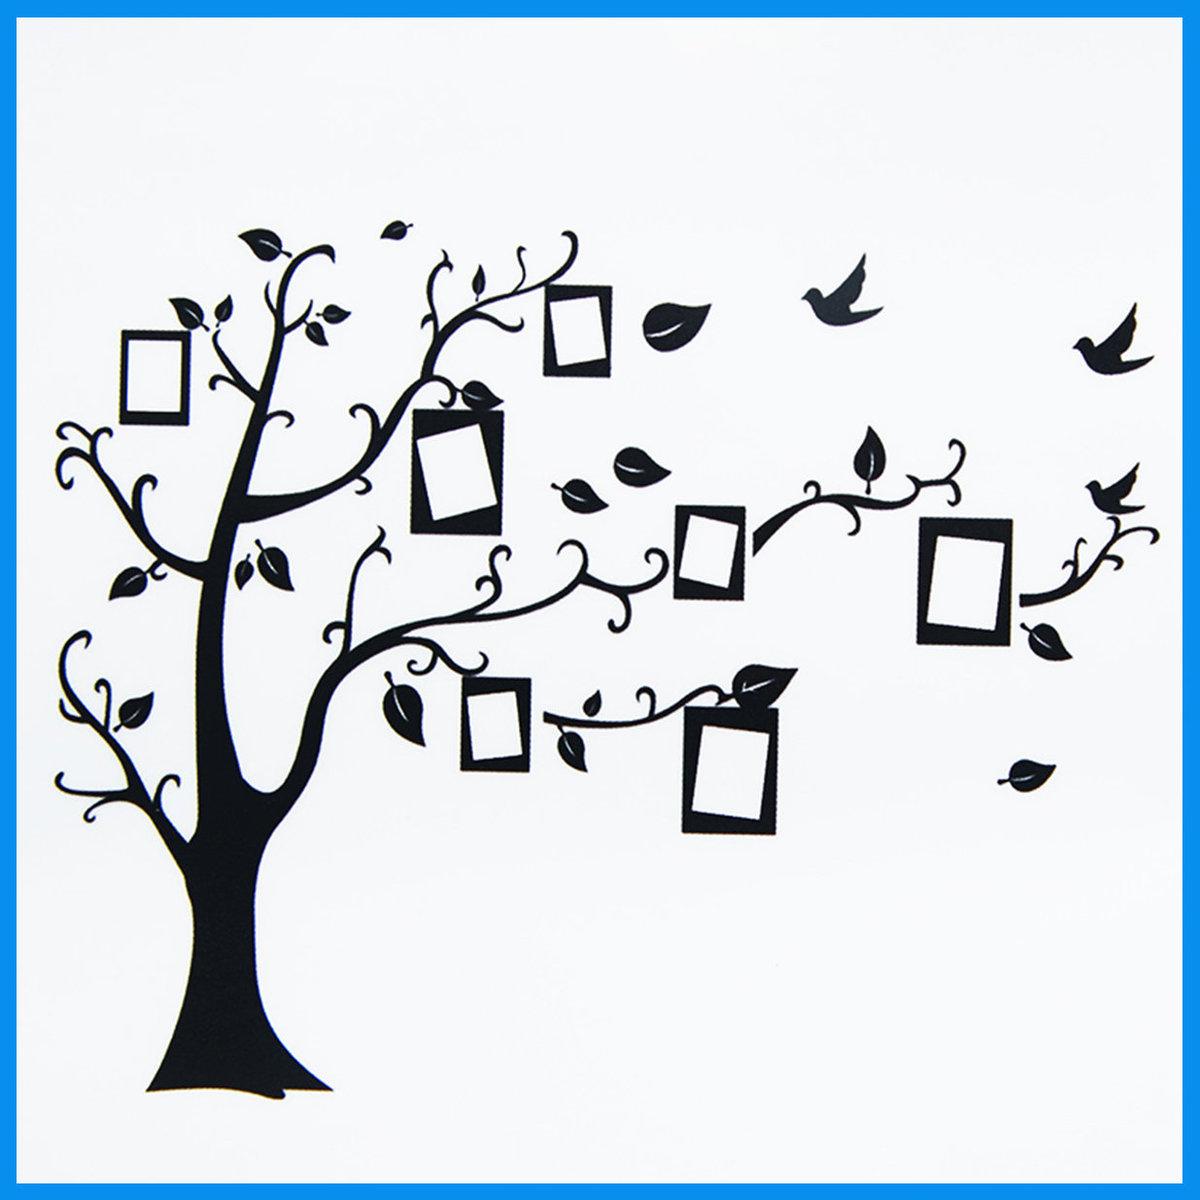 Family Tree Photo Gallery Wall Sticker